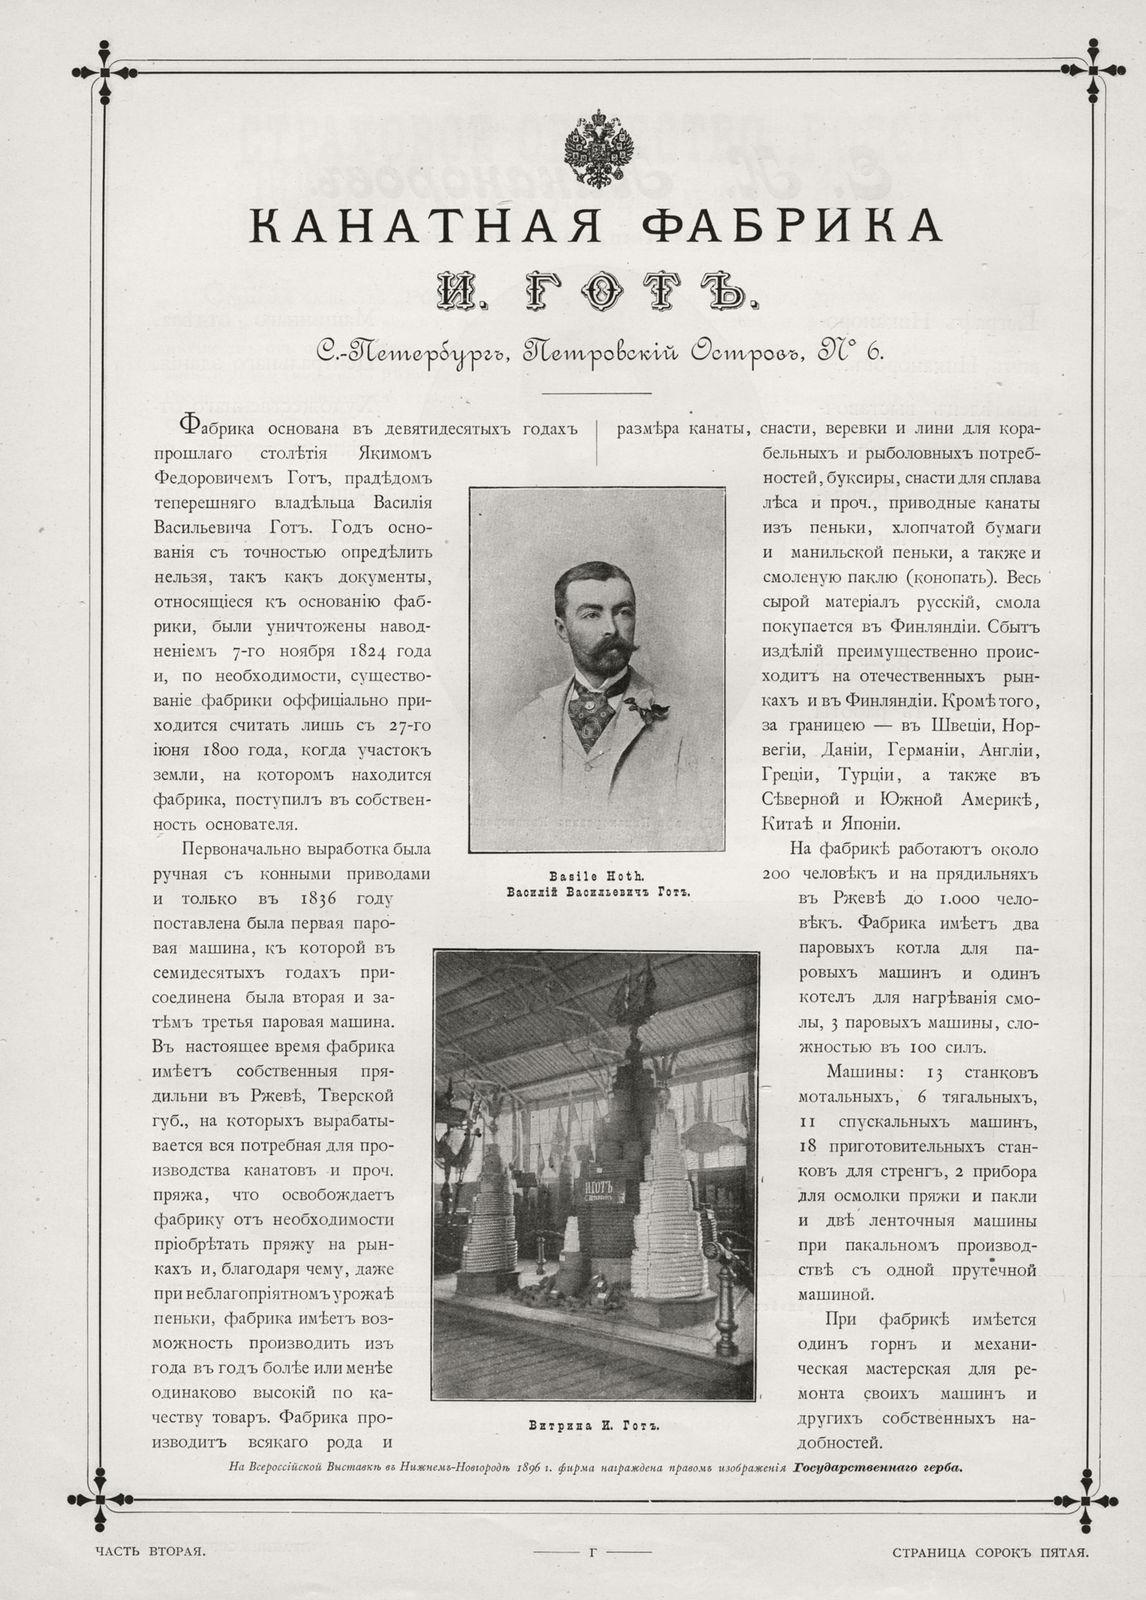 Канатная фабрика Готов, Санкт-Петербург, РосСтройИнвест, жк familia,  росстройинвест